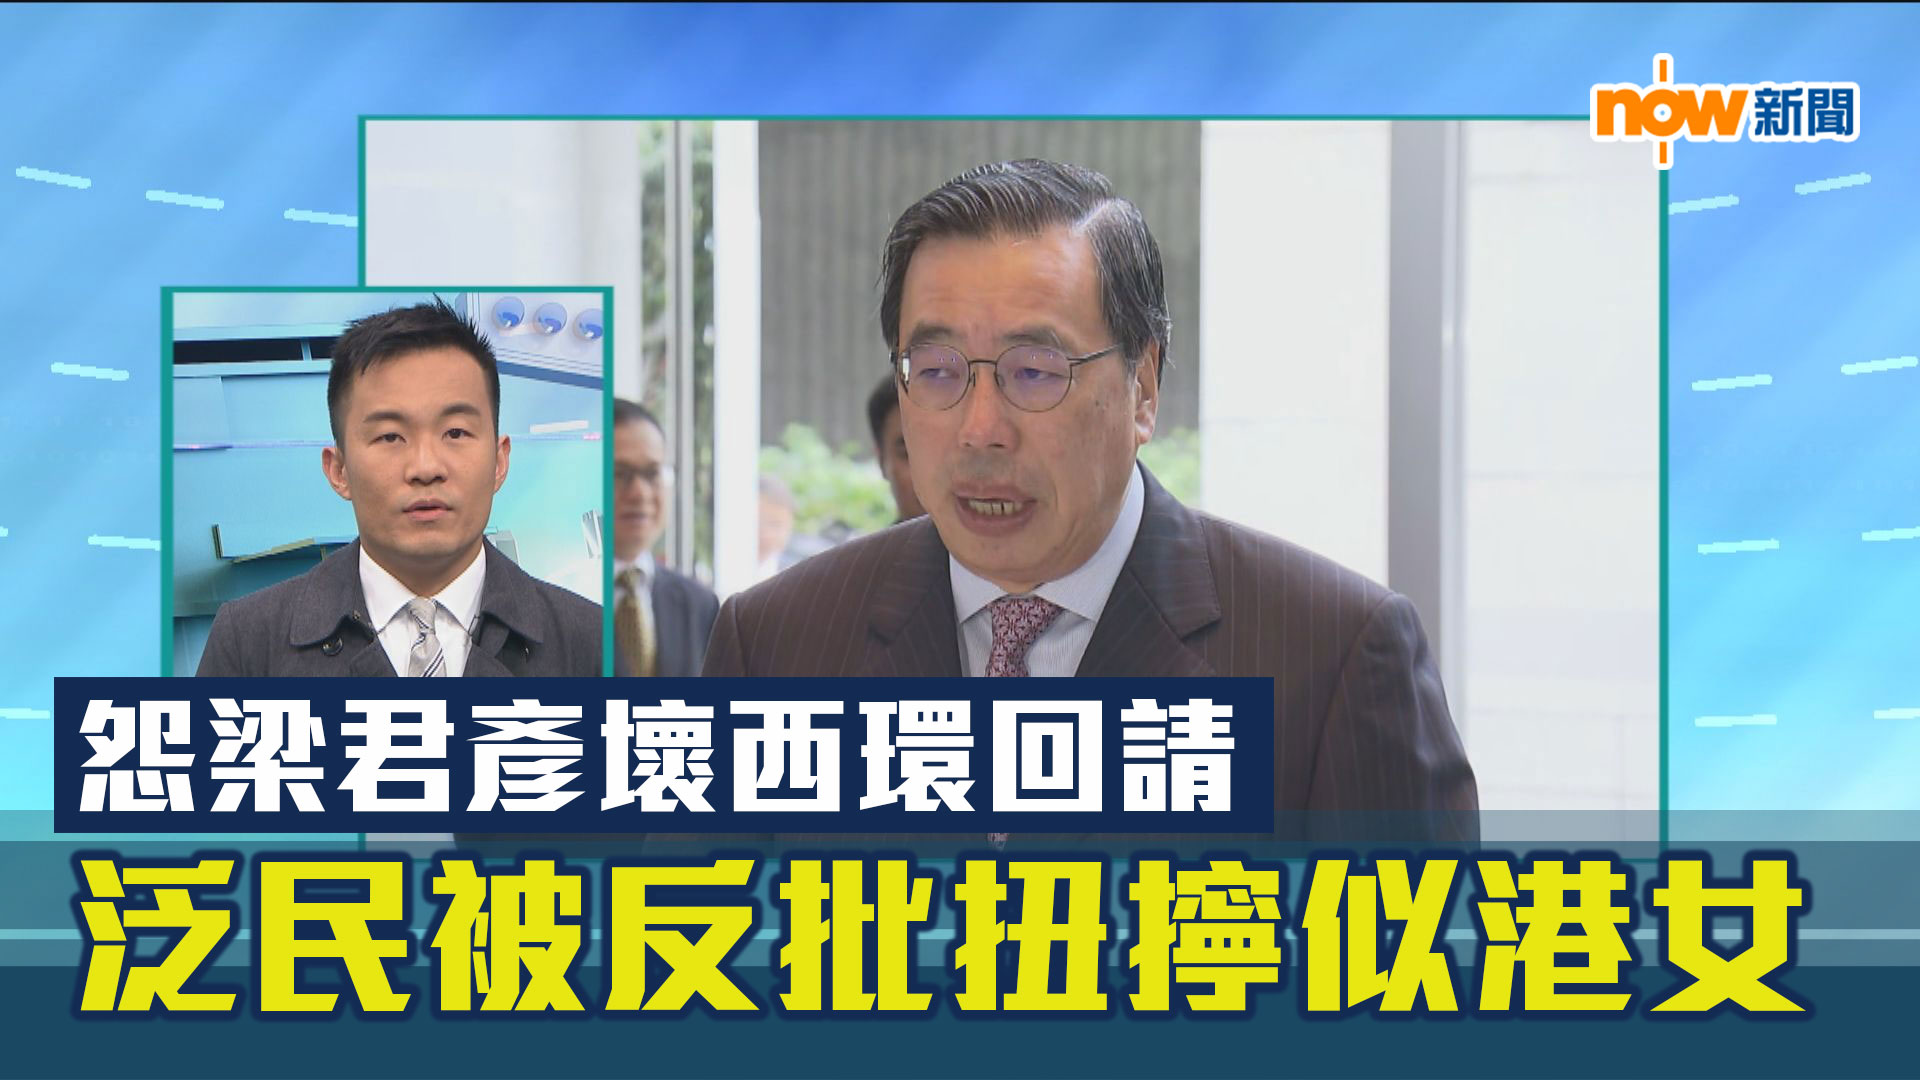 【政情】怨梁君彥壞西環回請 泛民被反批扭擰似港女